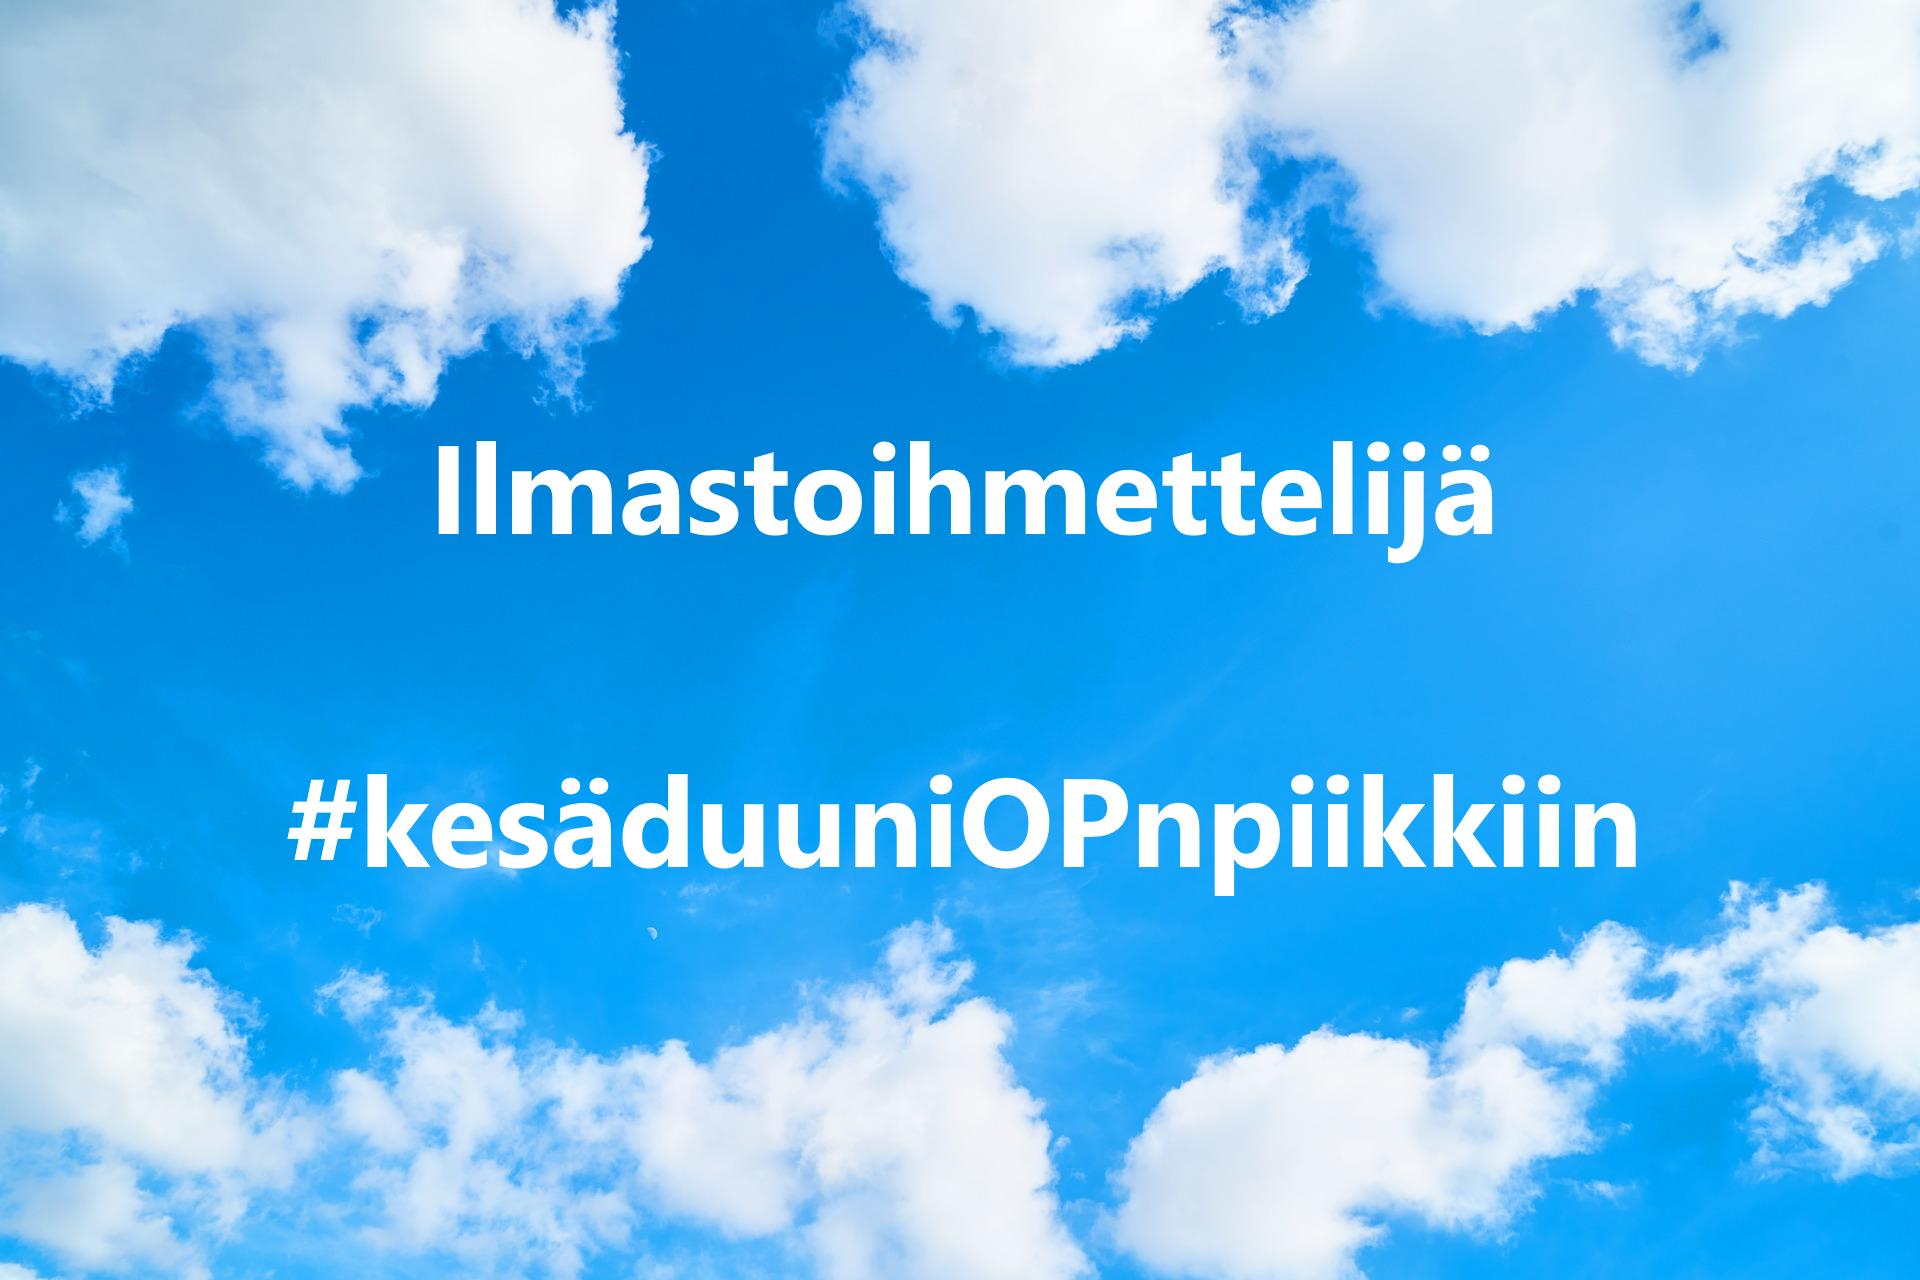 Sininen taivas, valkoiset pilvet, Ilmastoihmettelijä #kesäduuniOPnpiikkiin